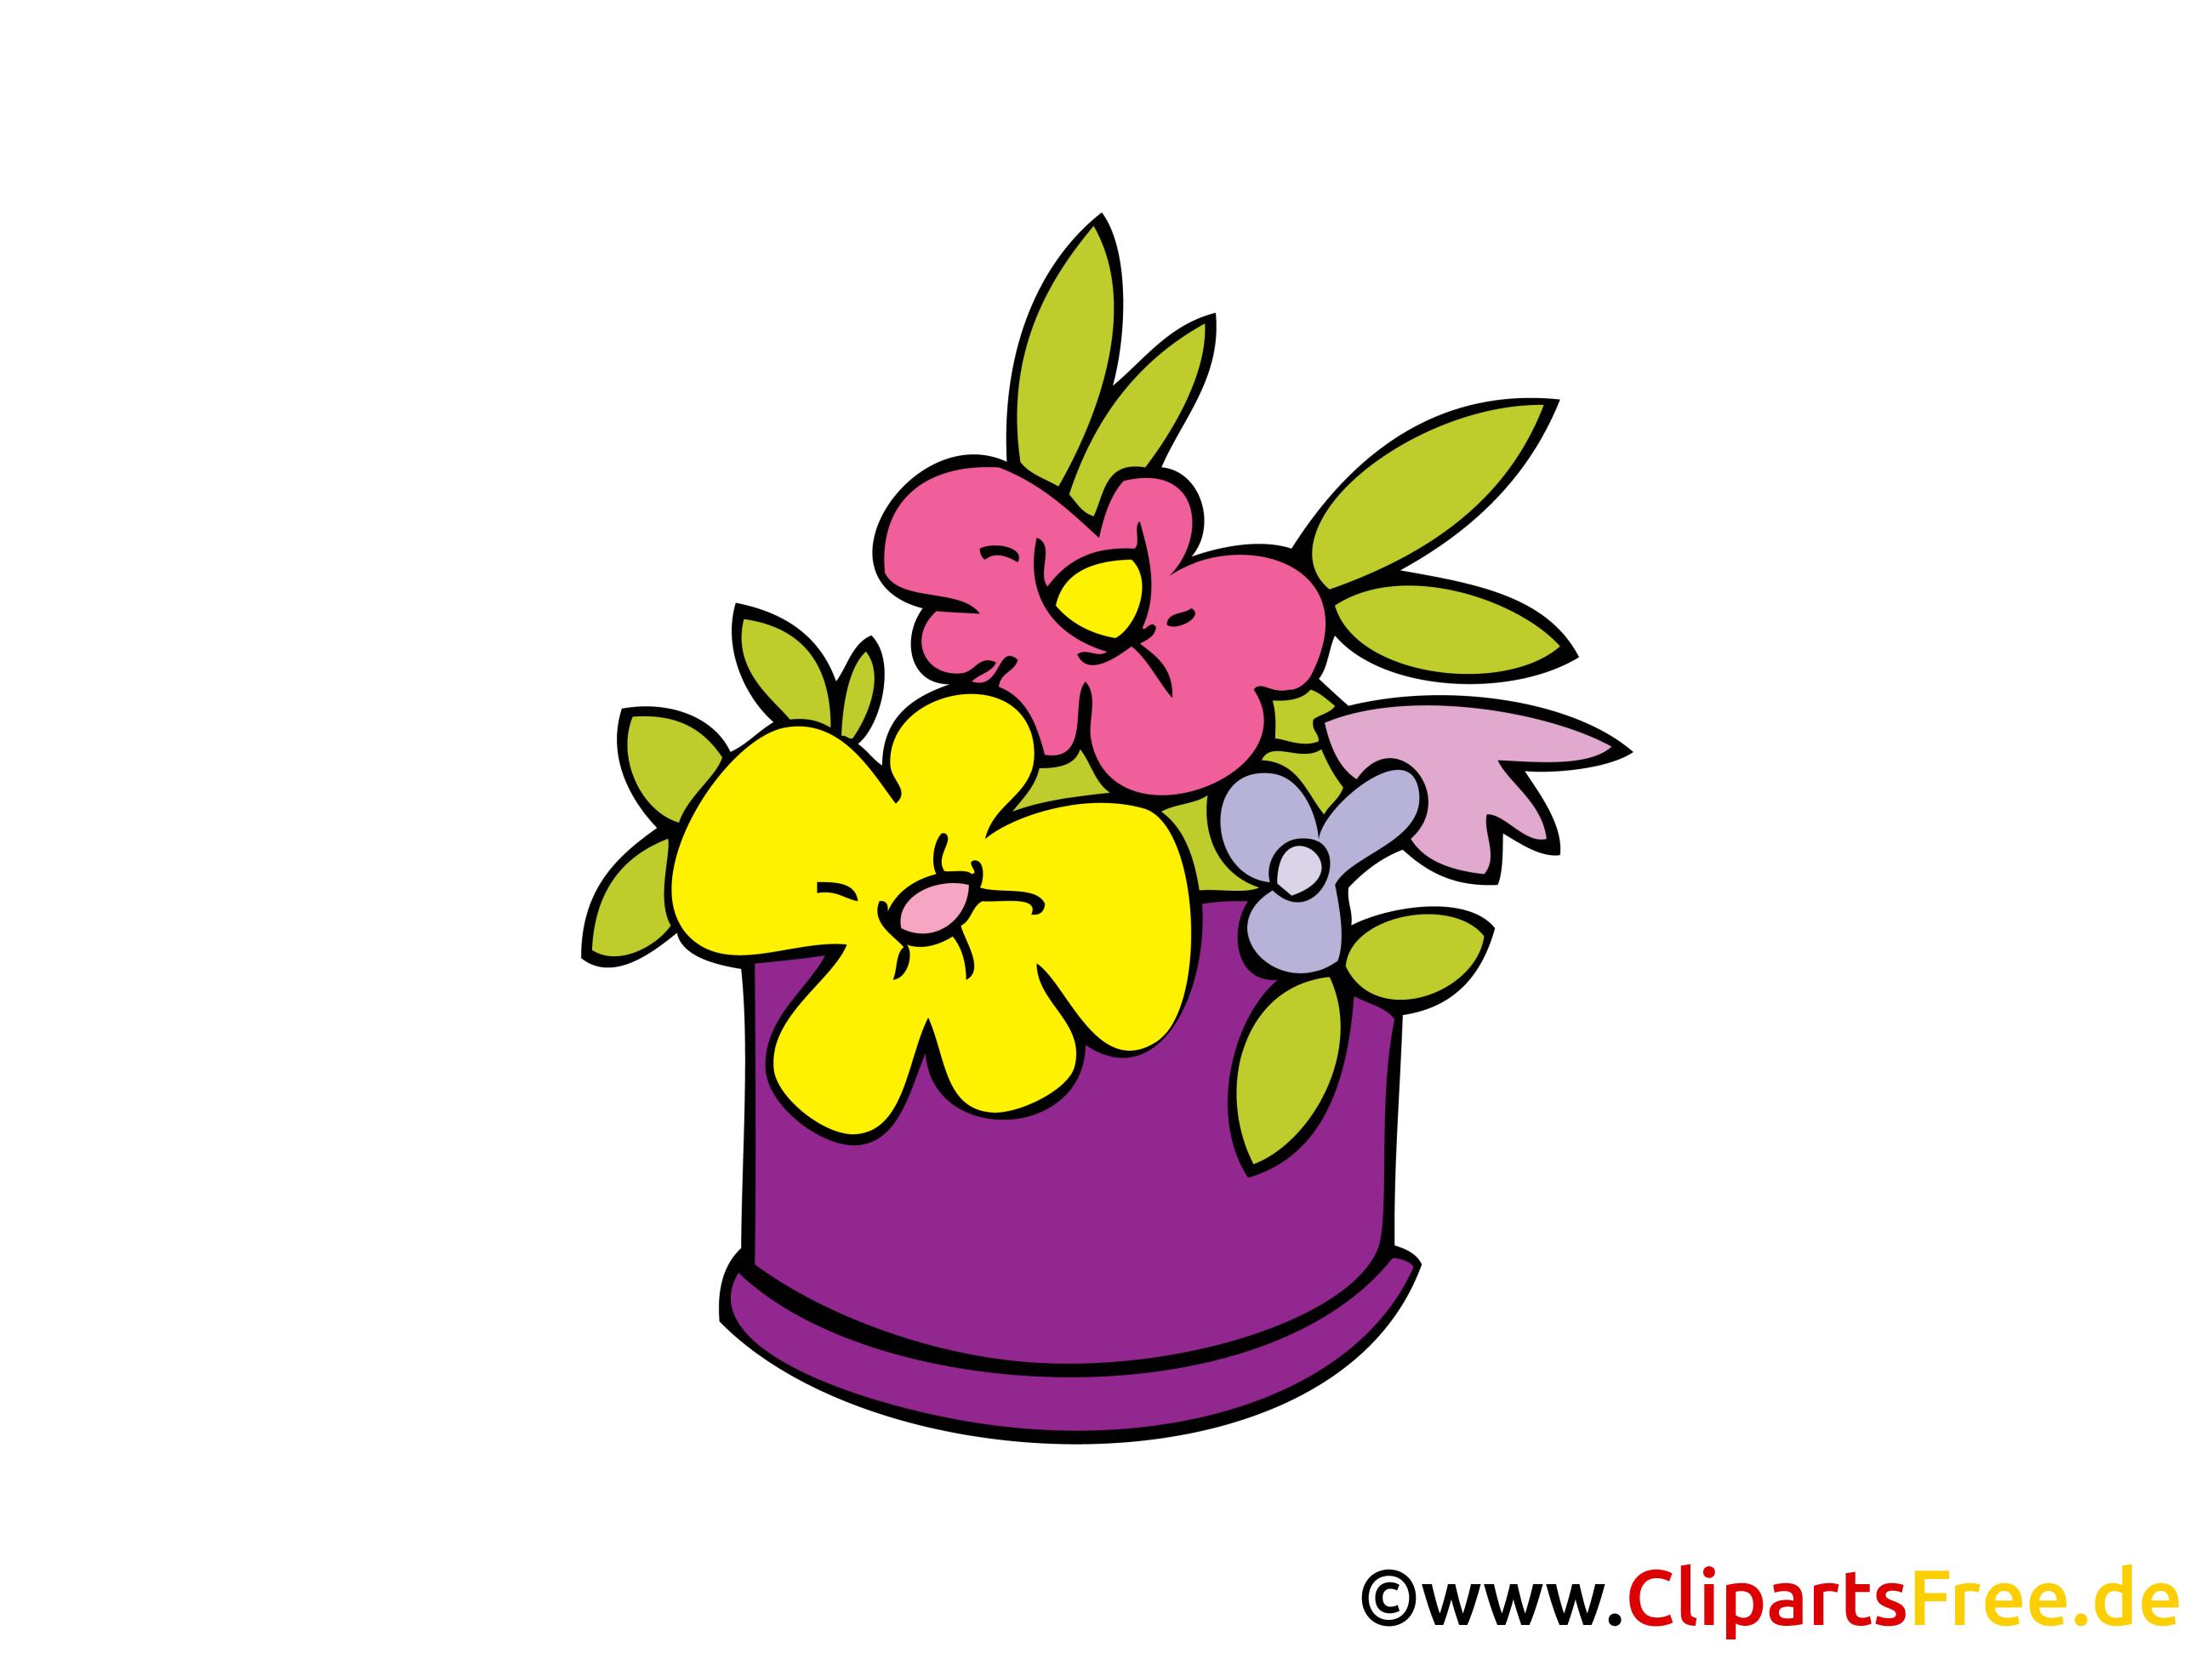 Fleurs images gratuites clipart